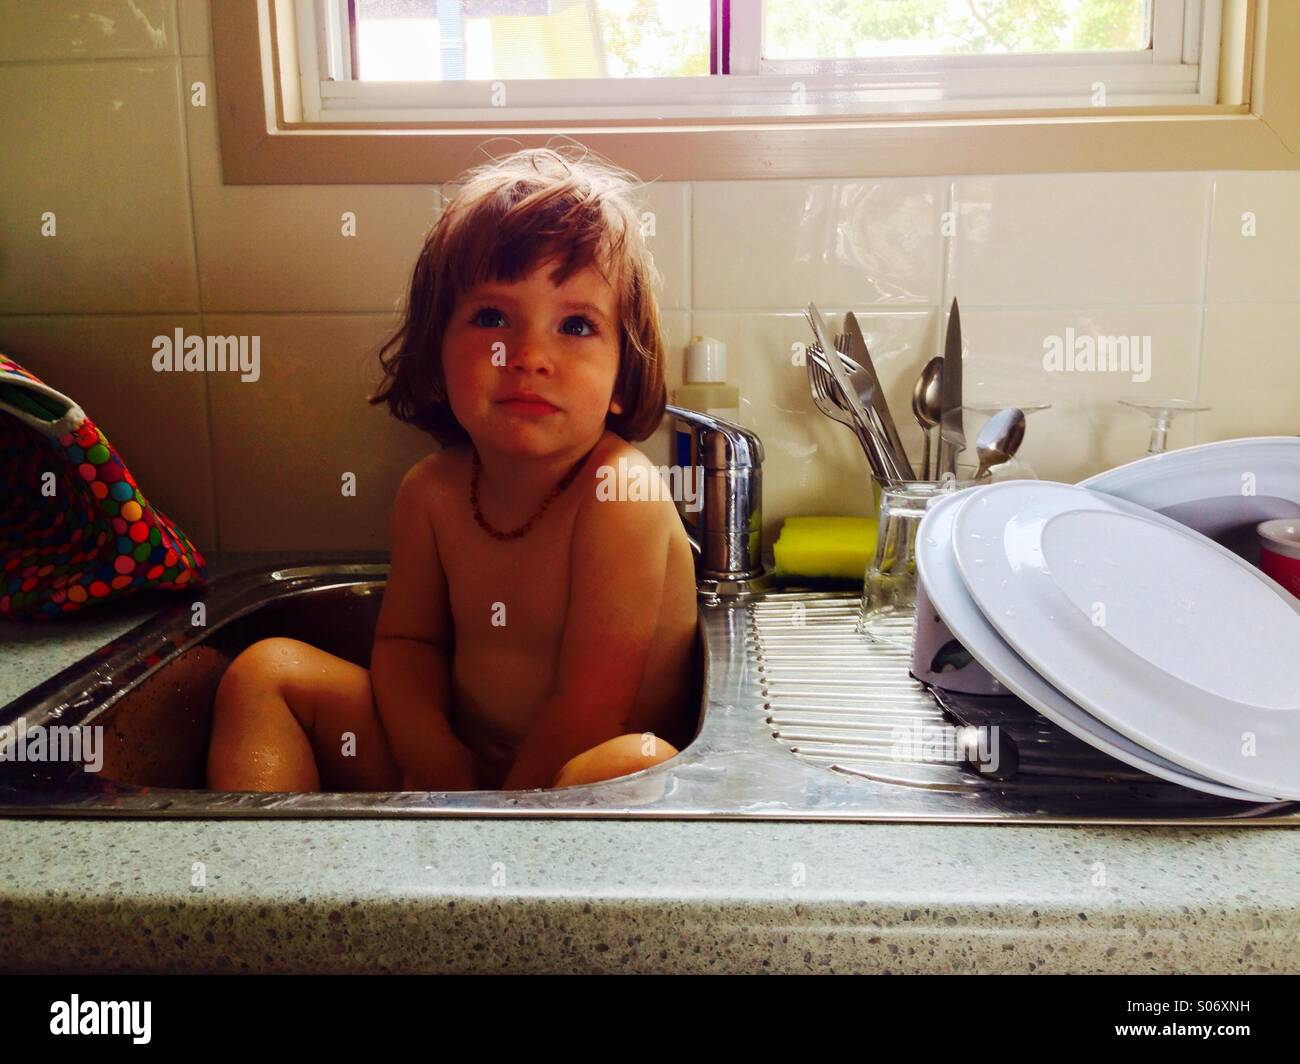 Il bagno nel lavello da cucina Immagini Stock